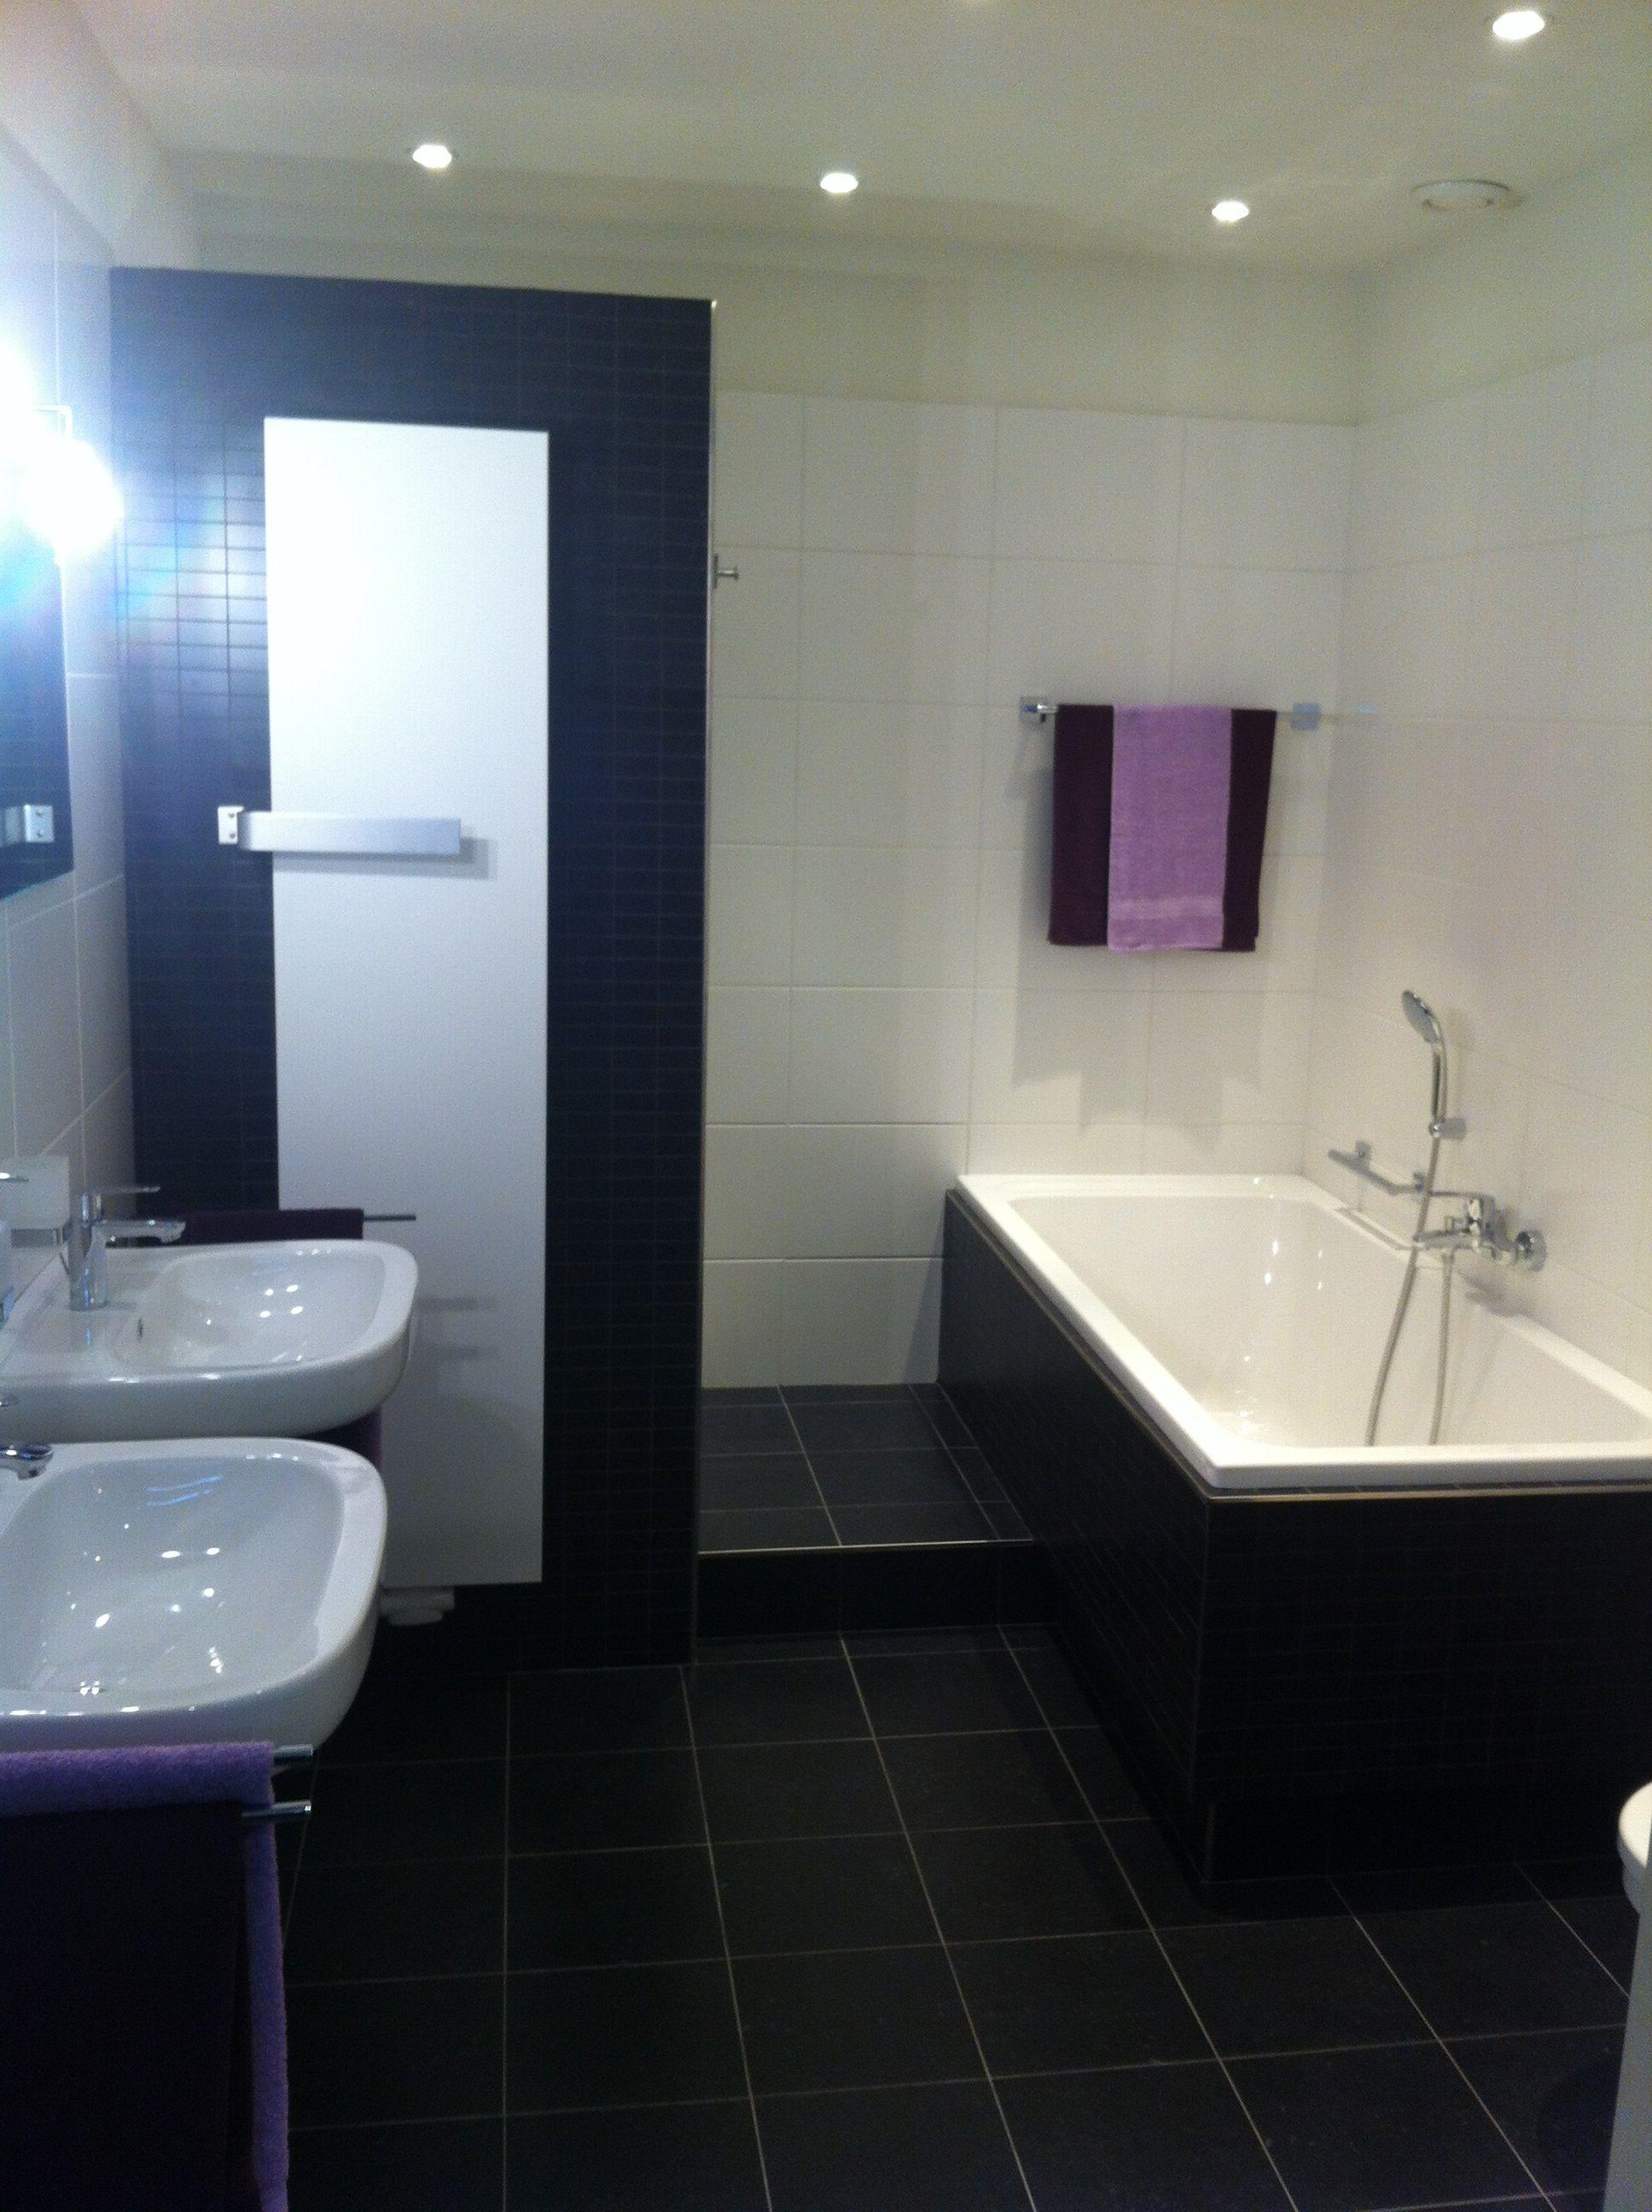 badkameropstelling met bad inloopdouche twee wasbakken en